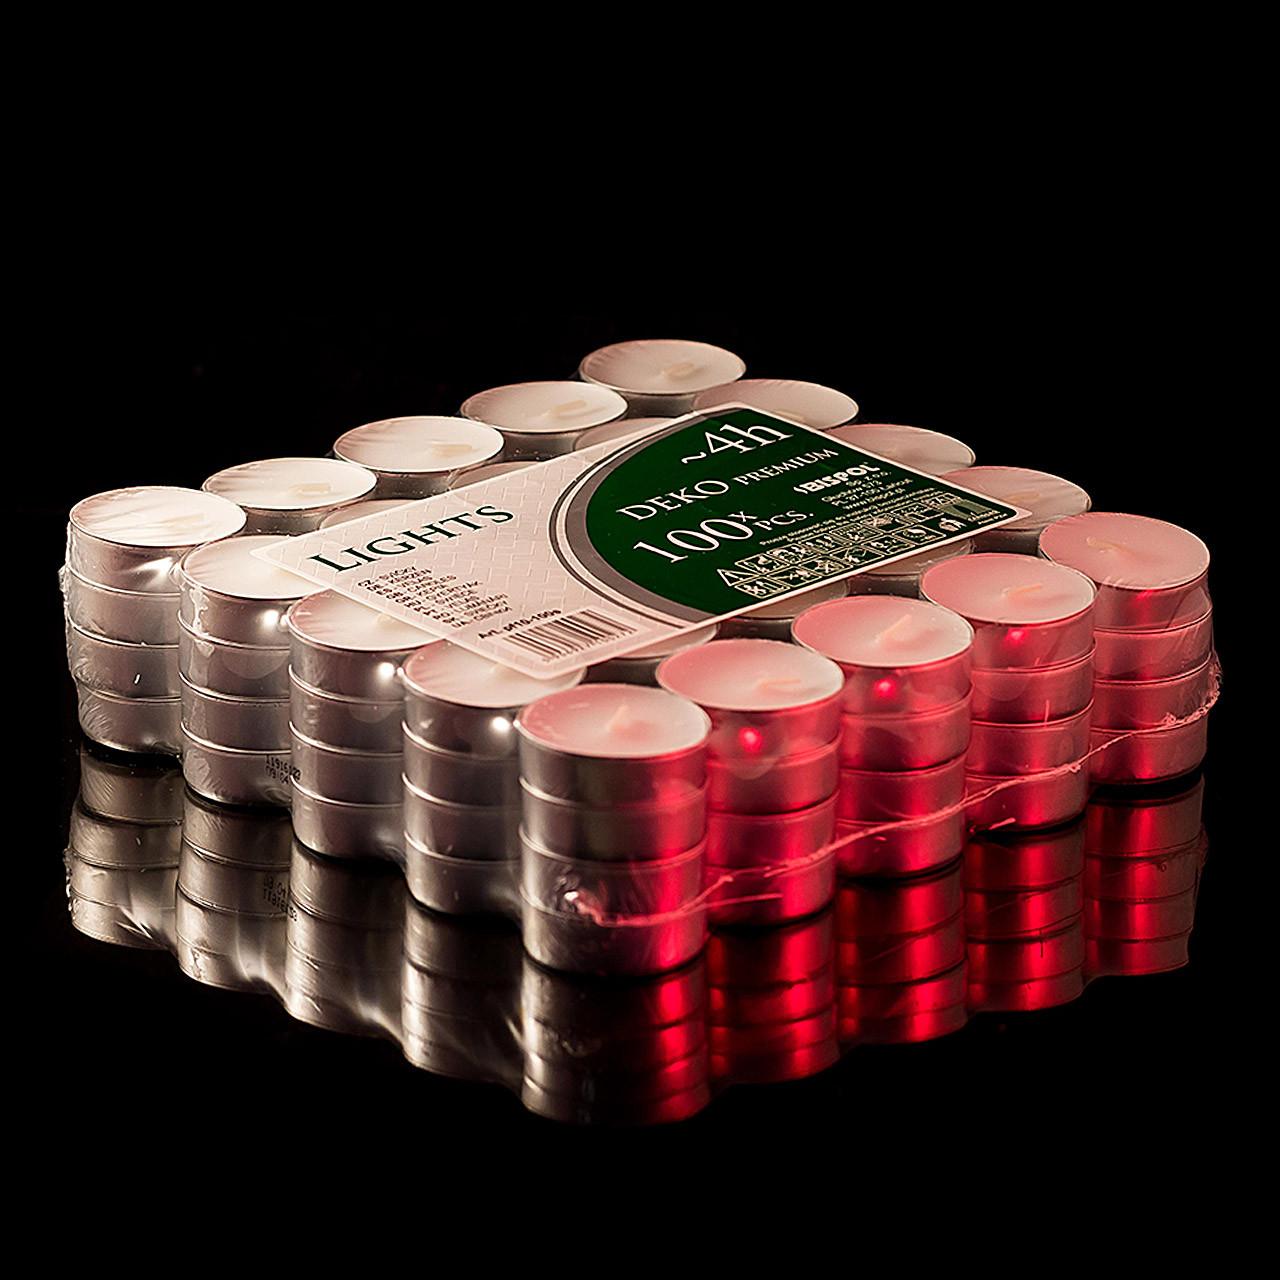 Свечи чайные таблетка 100 шт/уп.(ХозСвеч_таблетка100). Фото, цена, купить на Sevenmart